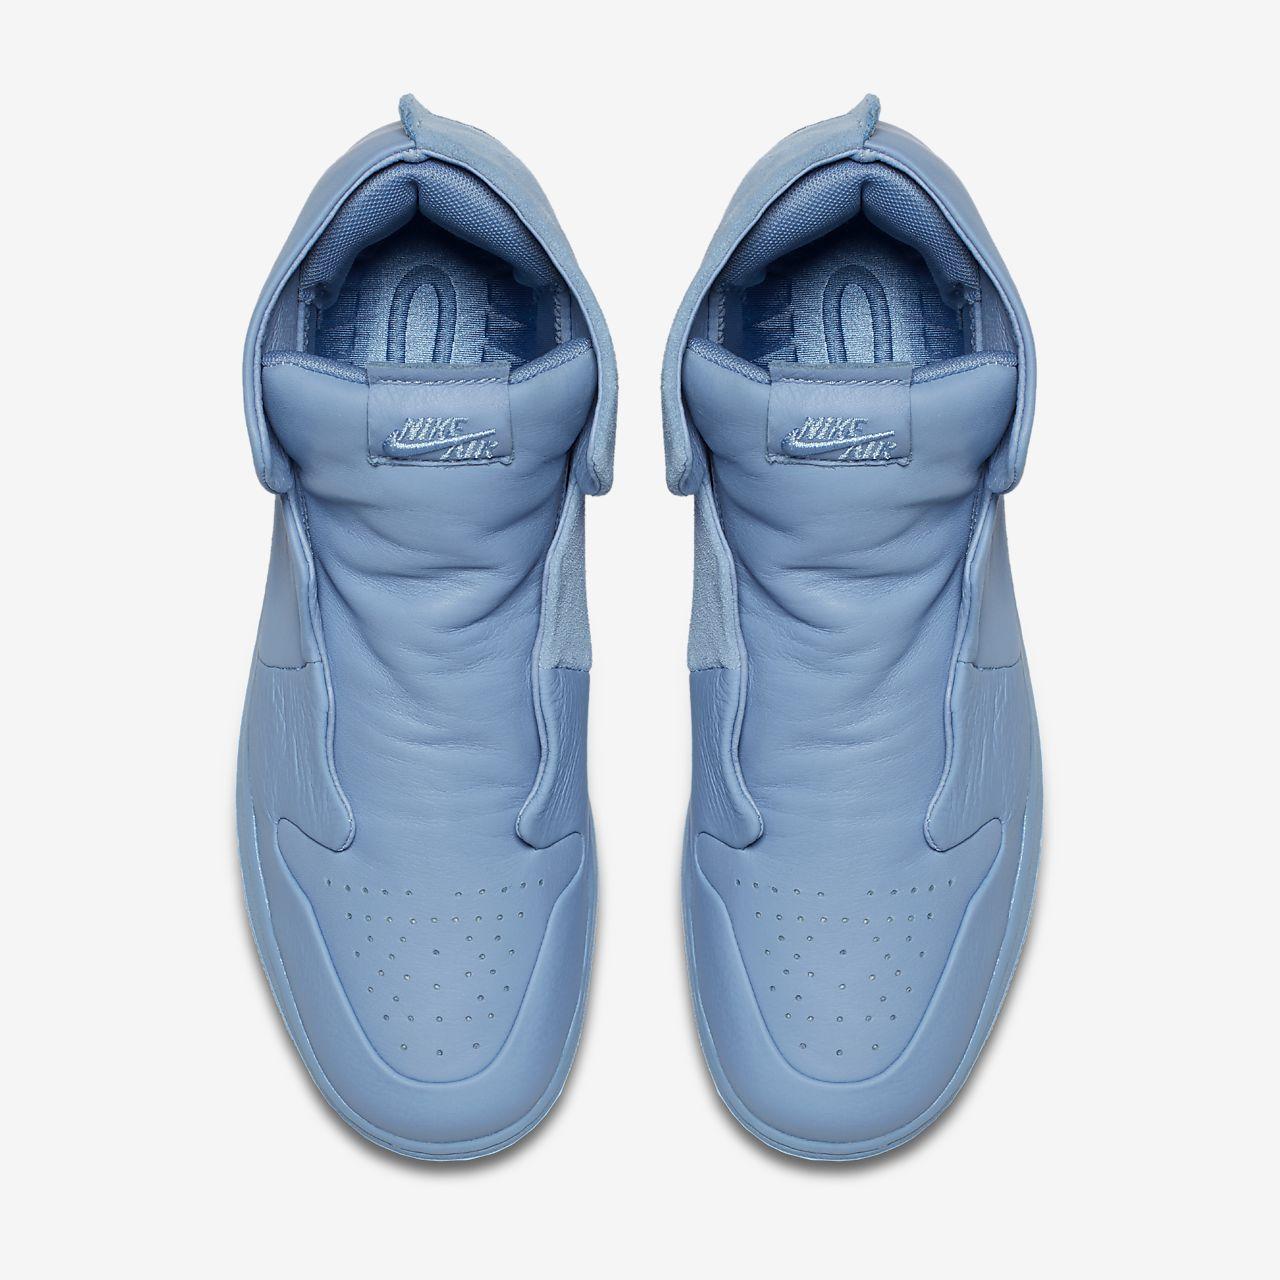 f907beaf20ac6e Calzado para mujer Jordan AJ1 Sage XX. Nike.com MX